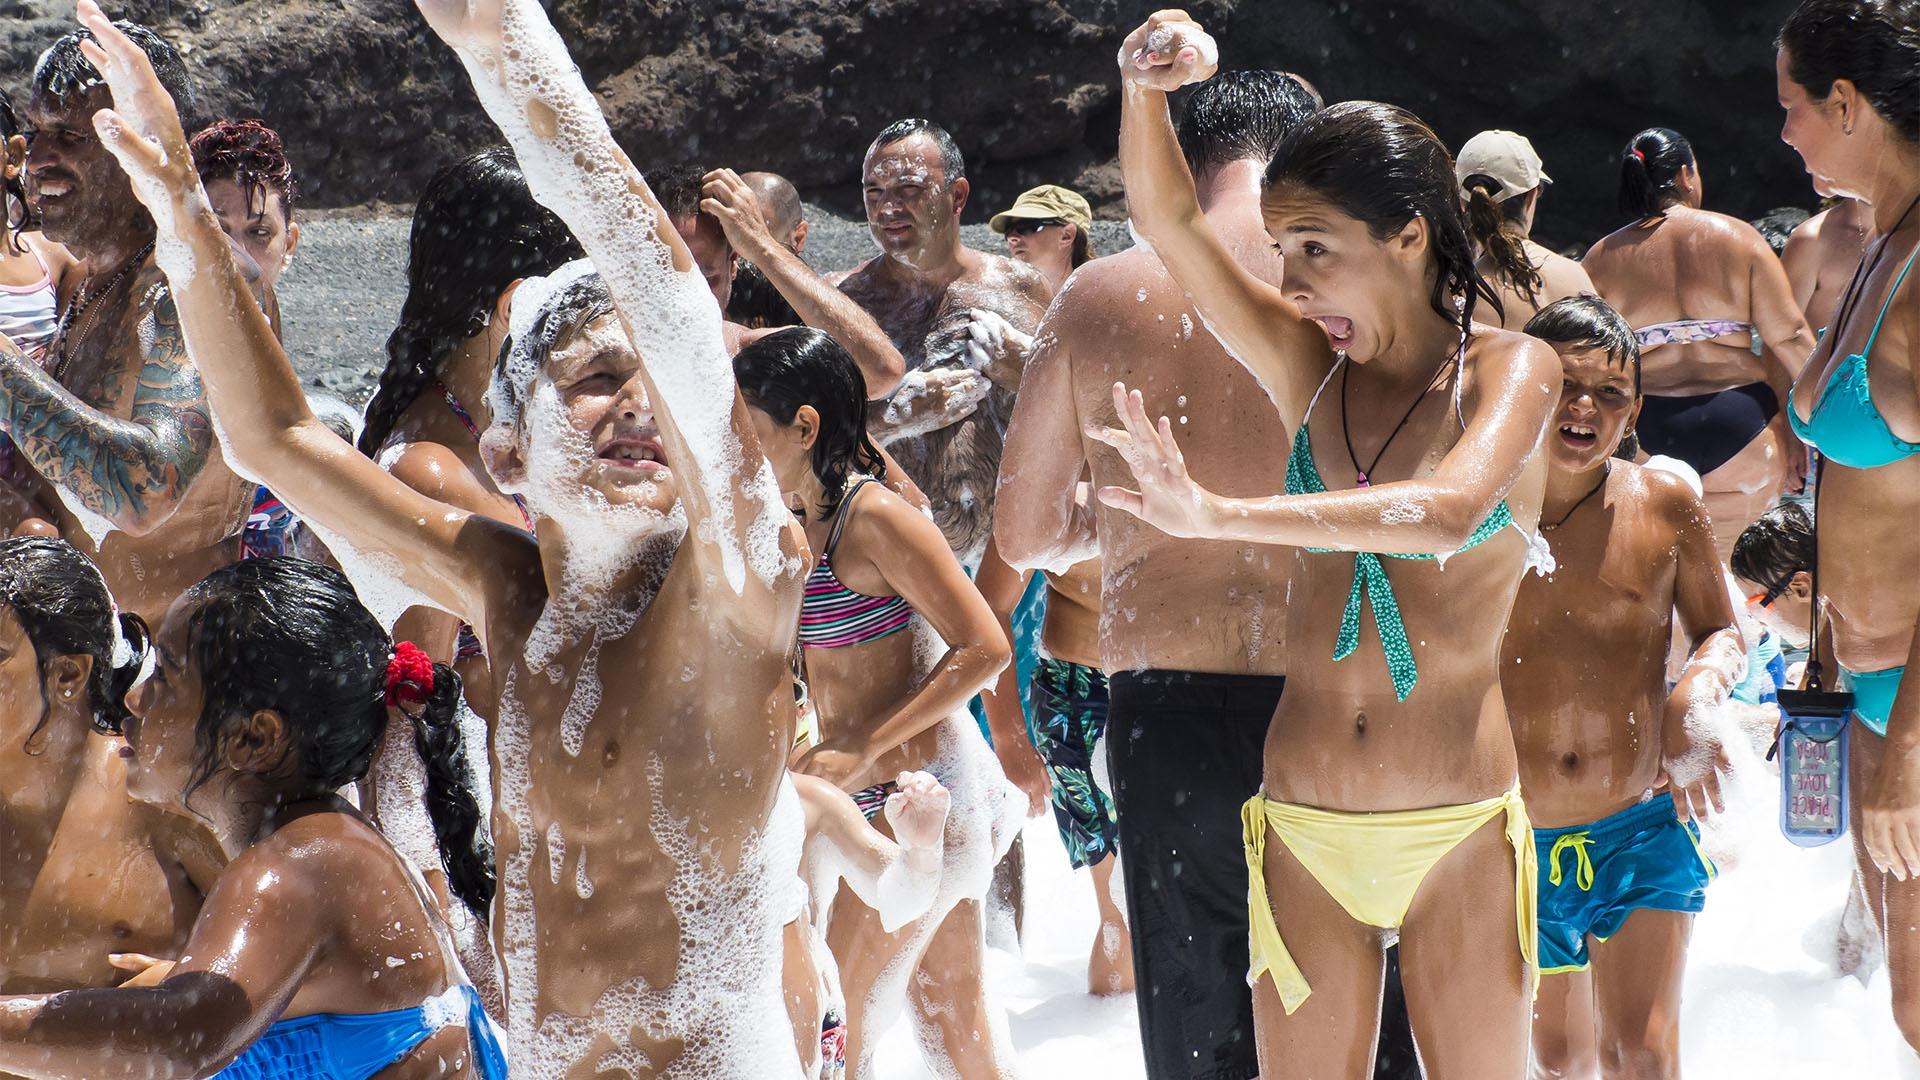 El Cotillo Fiesta Virgen del Buen Viaje El Cotillo Fuerteventura - Rahmenprogramm.